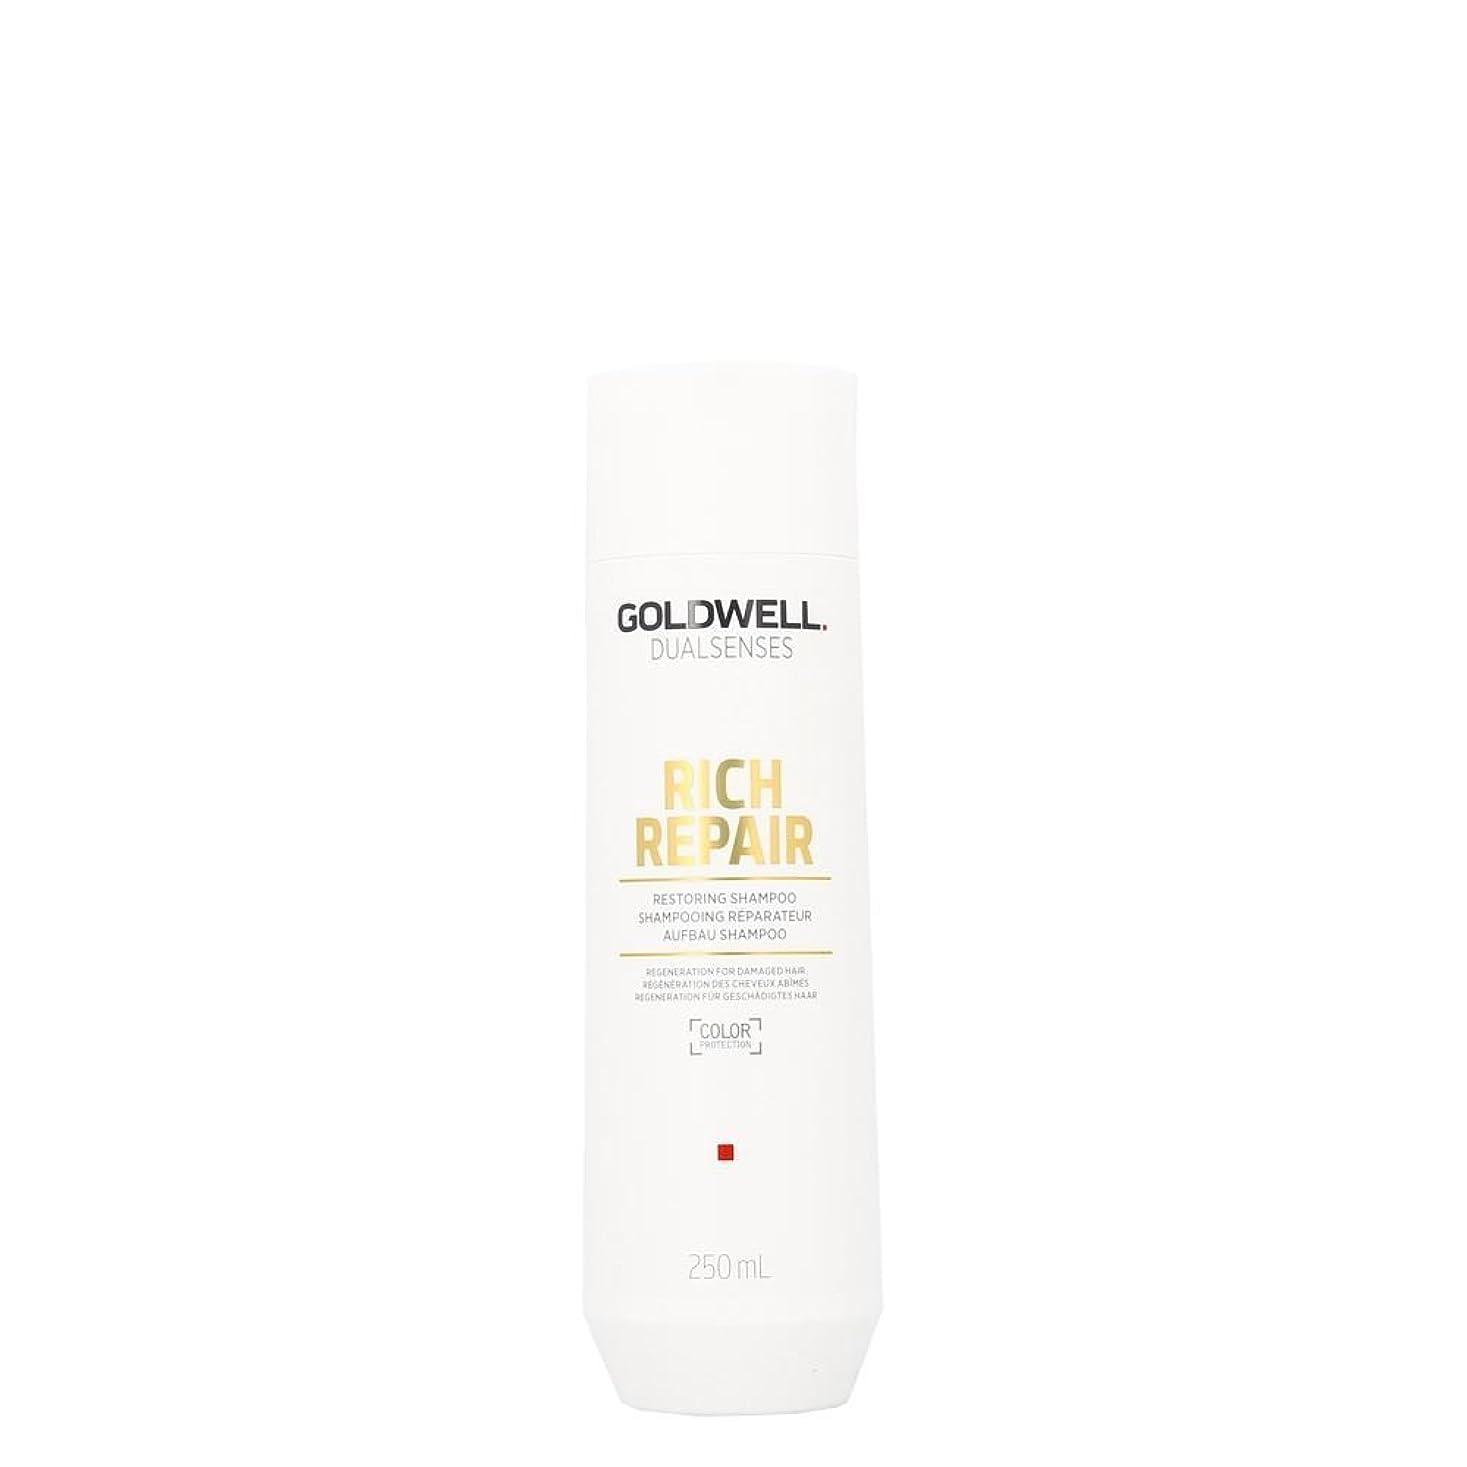 違反品種地理ゴールドウェル Dual Senses Rich Repair Restoring Shampoo (Regeneration For Damaged Hair) 250ml